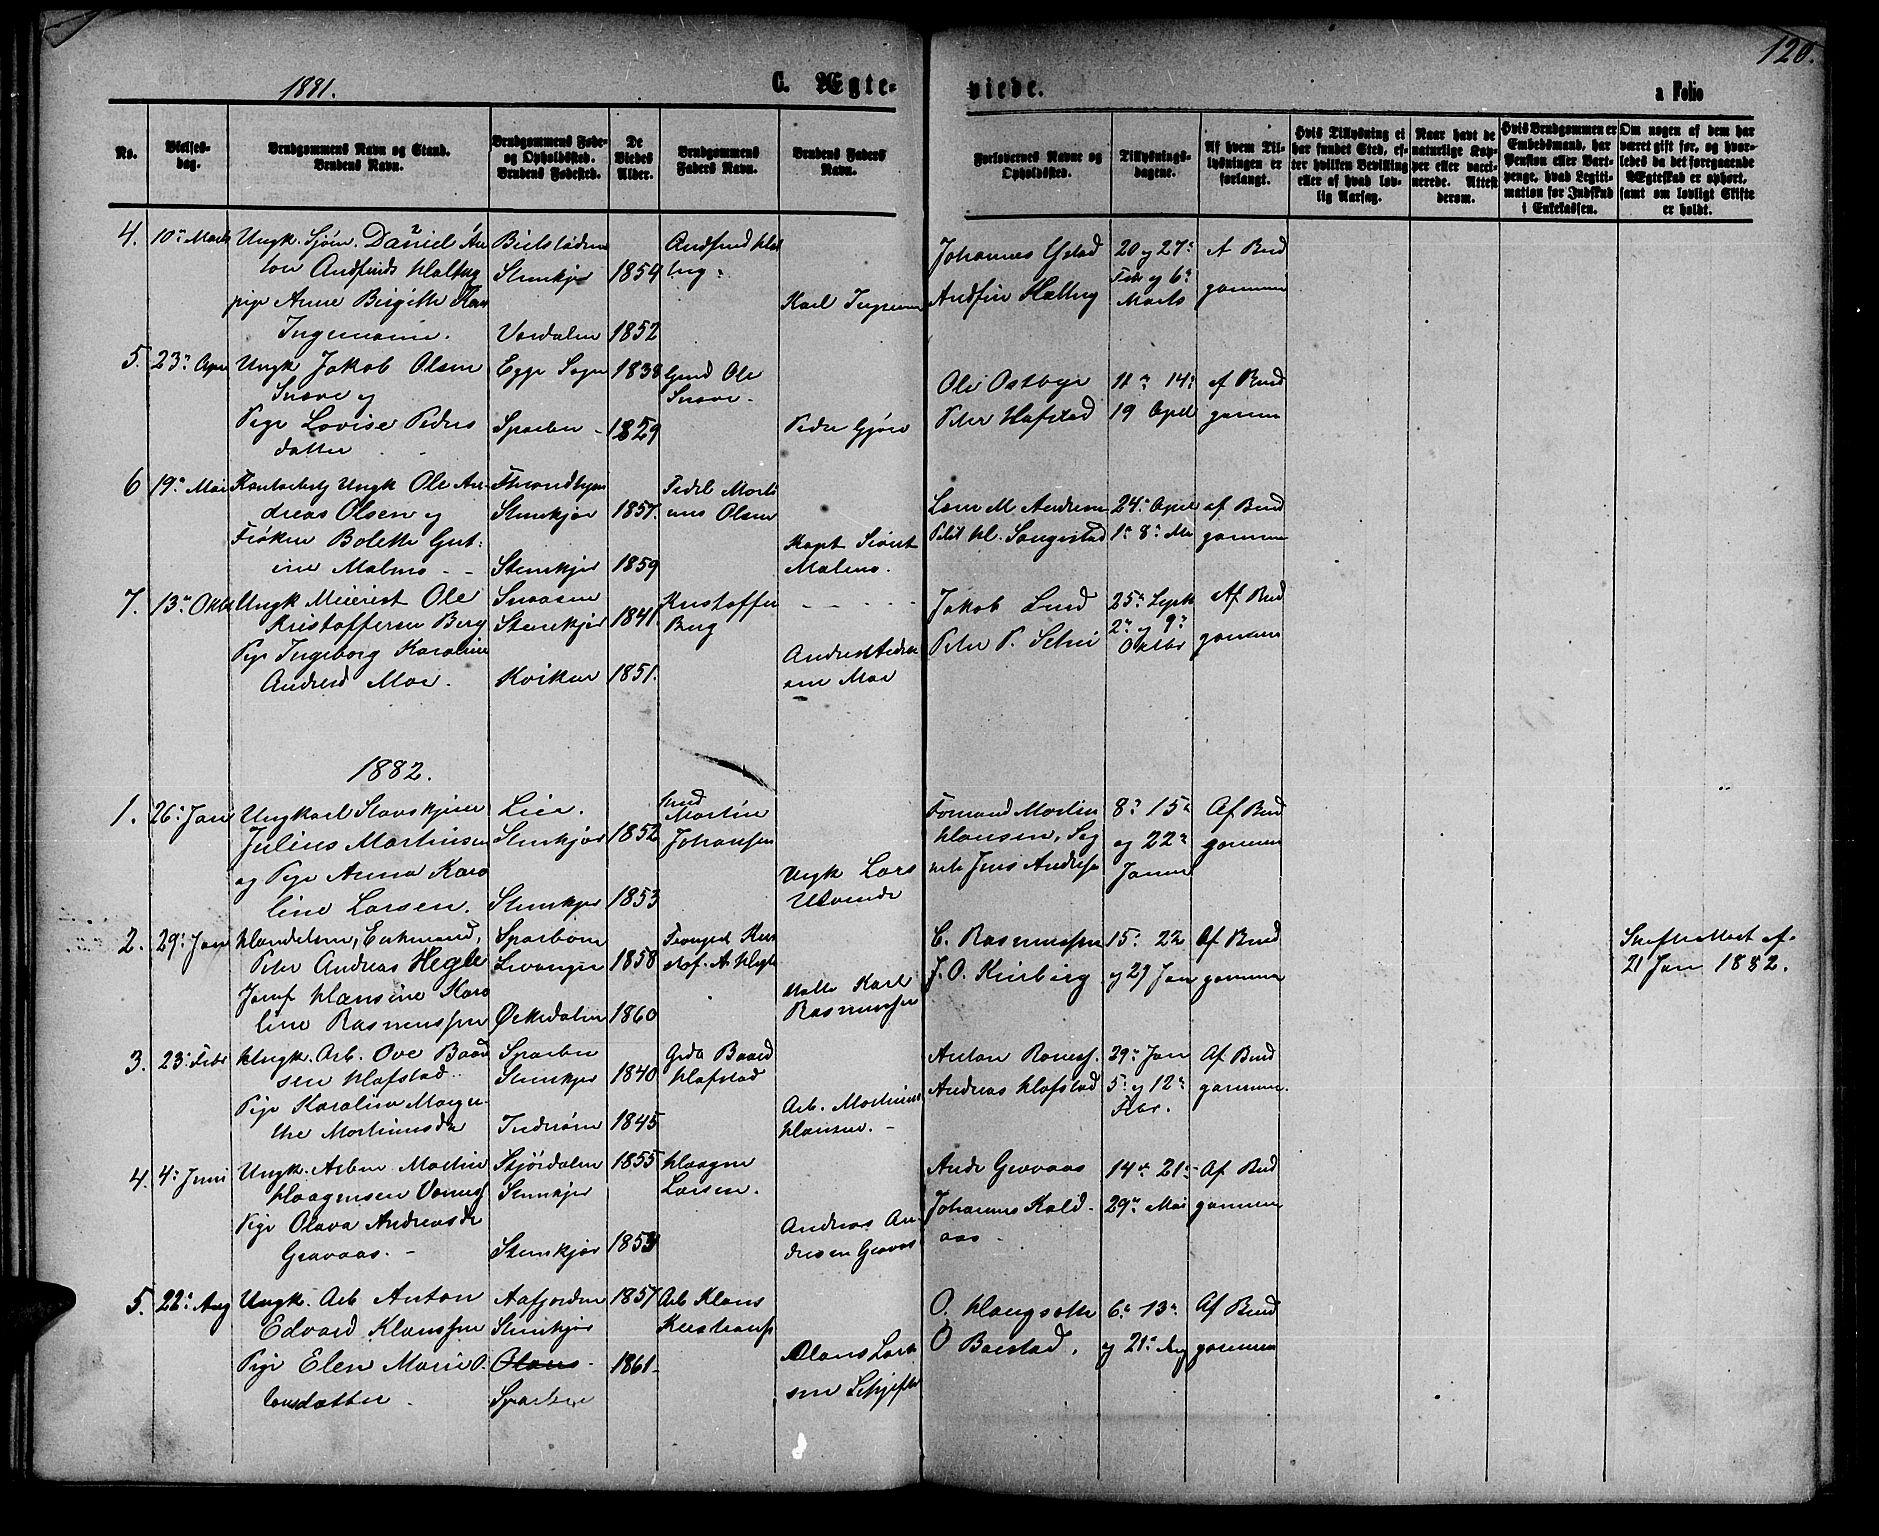 SAT, Ministerialprotokoller, klokkerbøker og fødselsregistre - Nord-Trøndelag, 739/L0373: Klokkerbok nr. 739C01, 1865-1882, s. 120